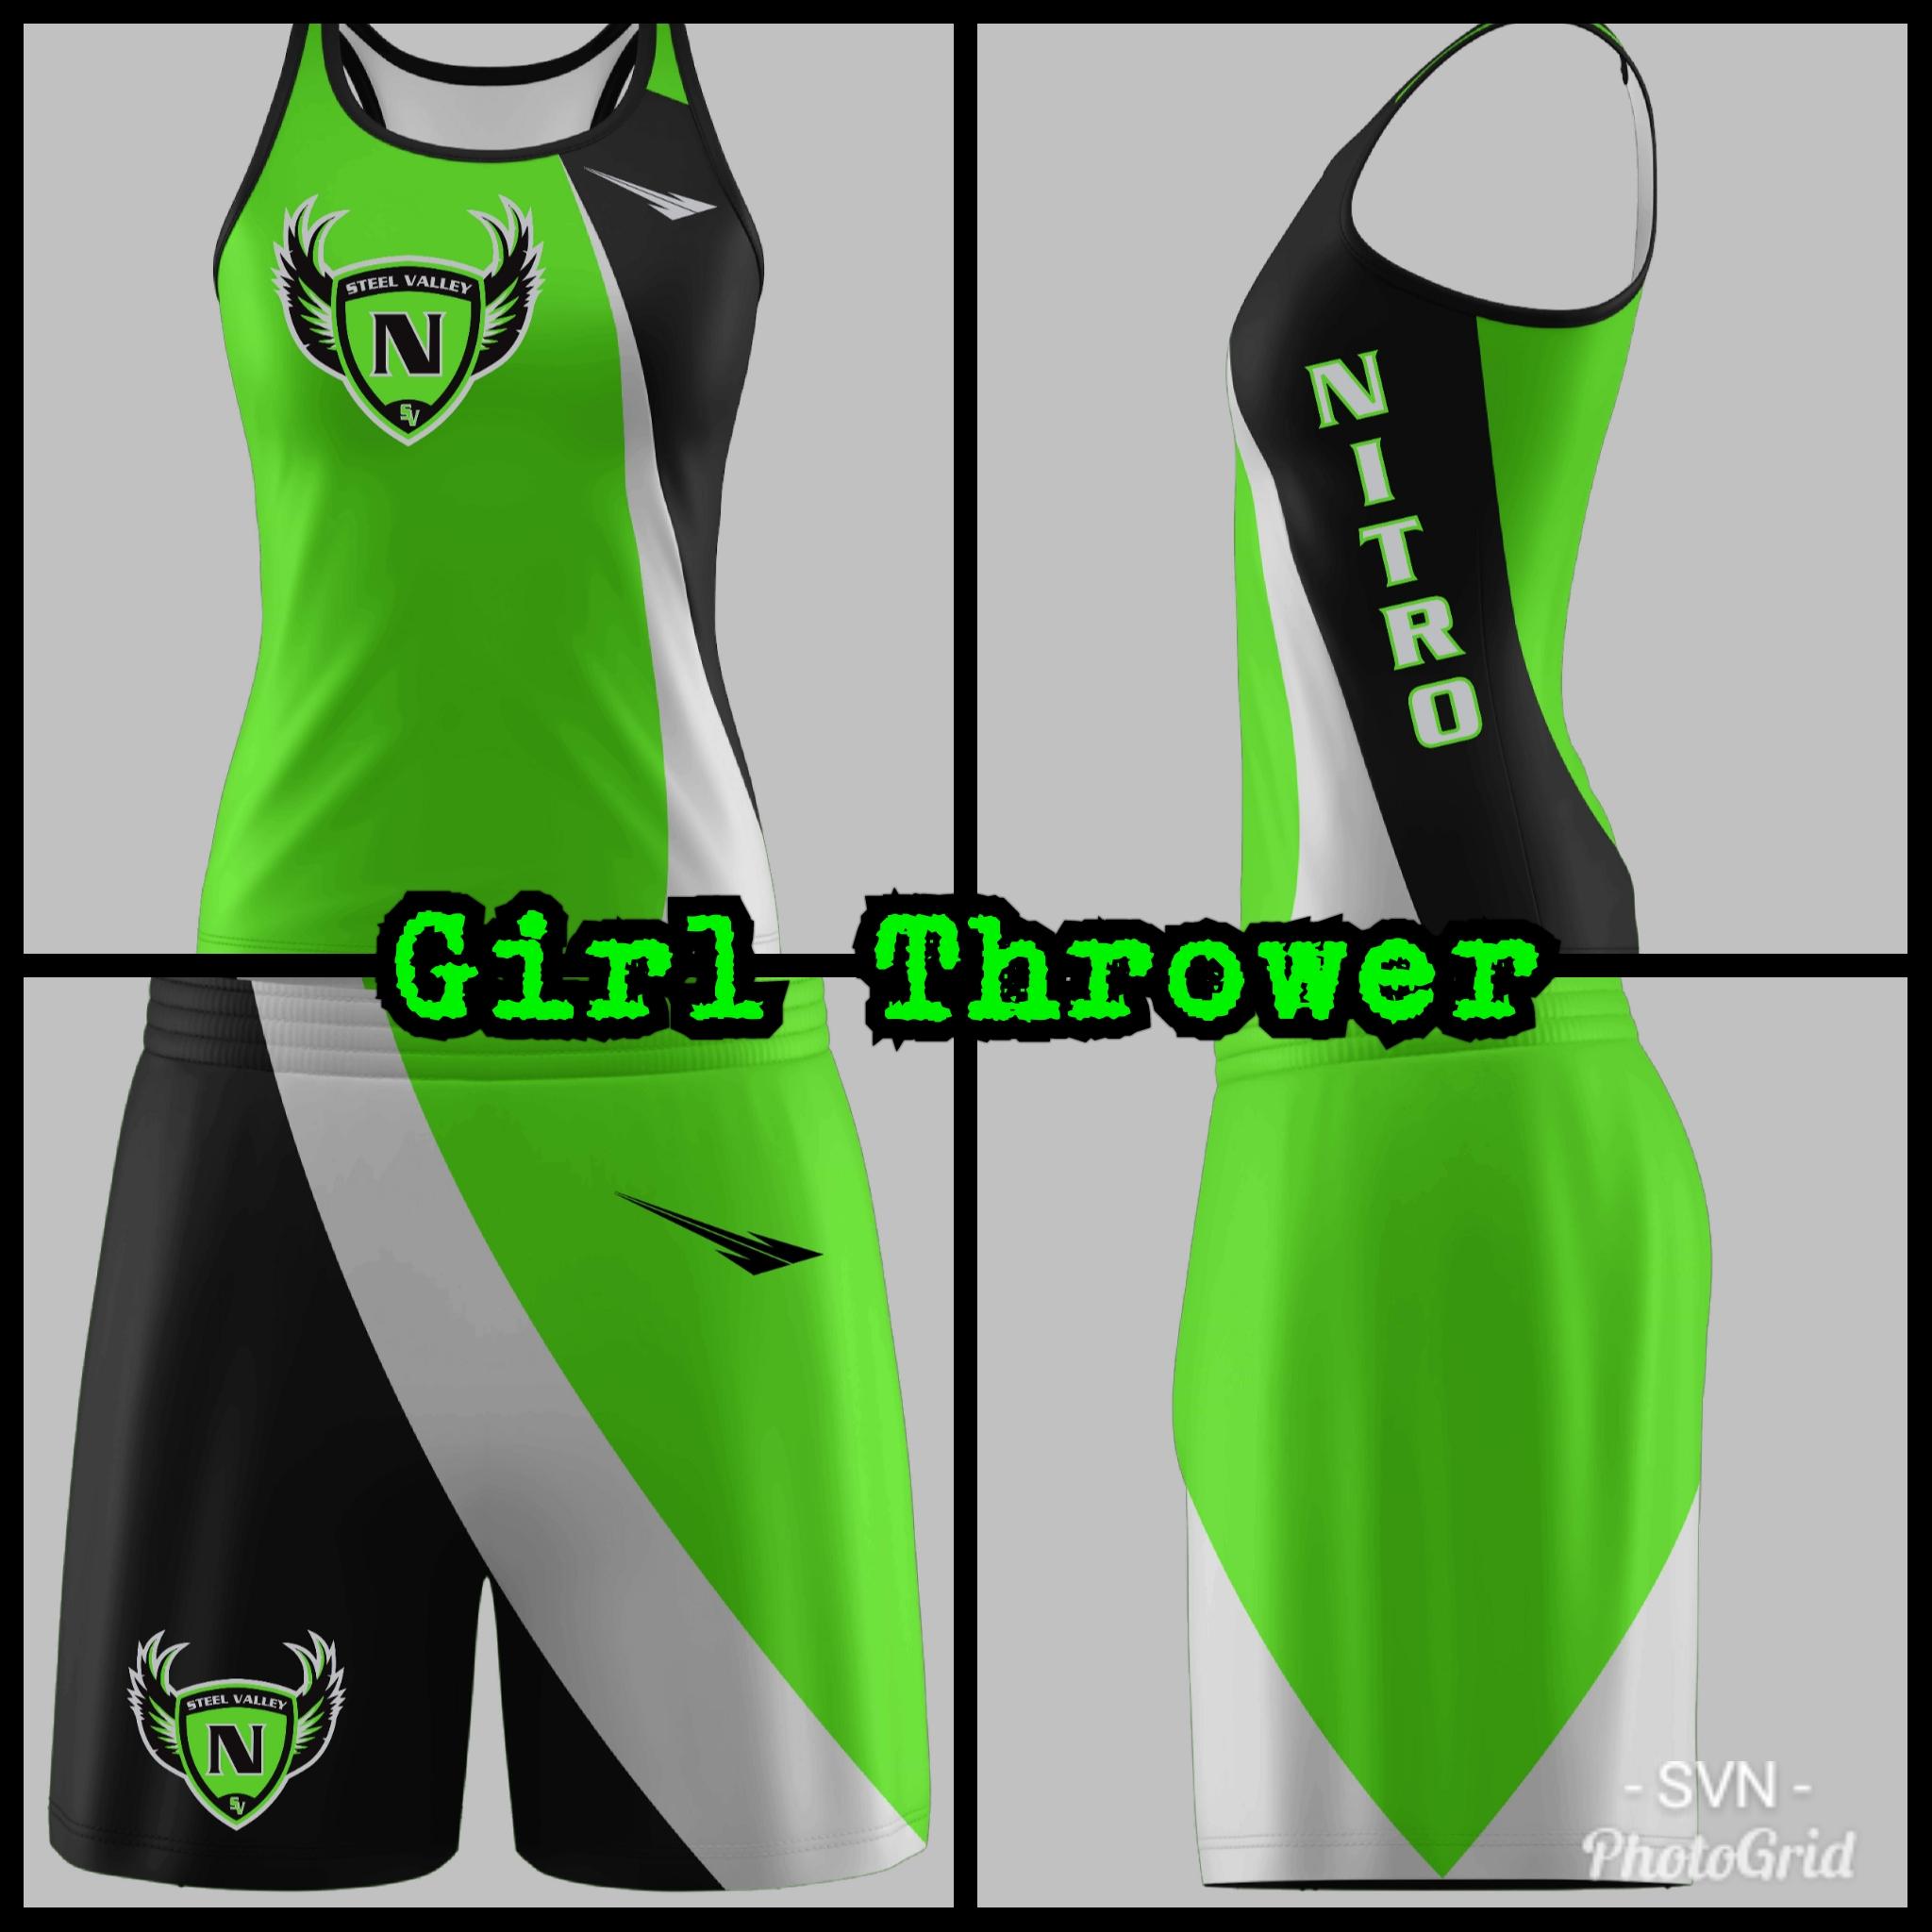 girl thrower.jpg